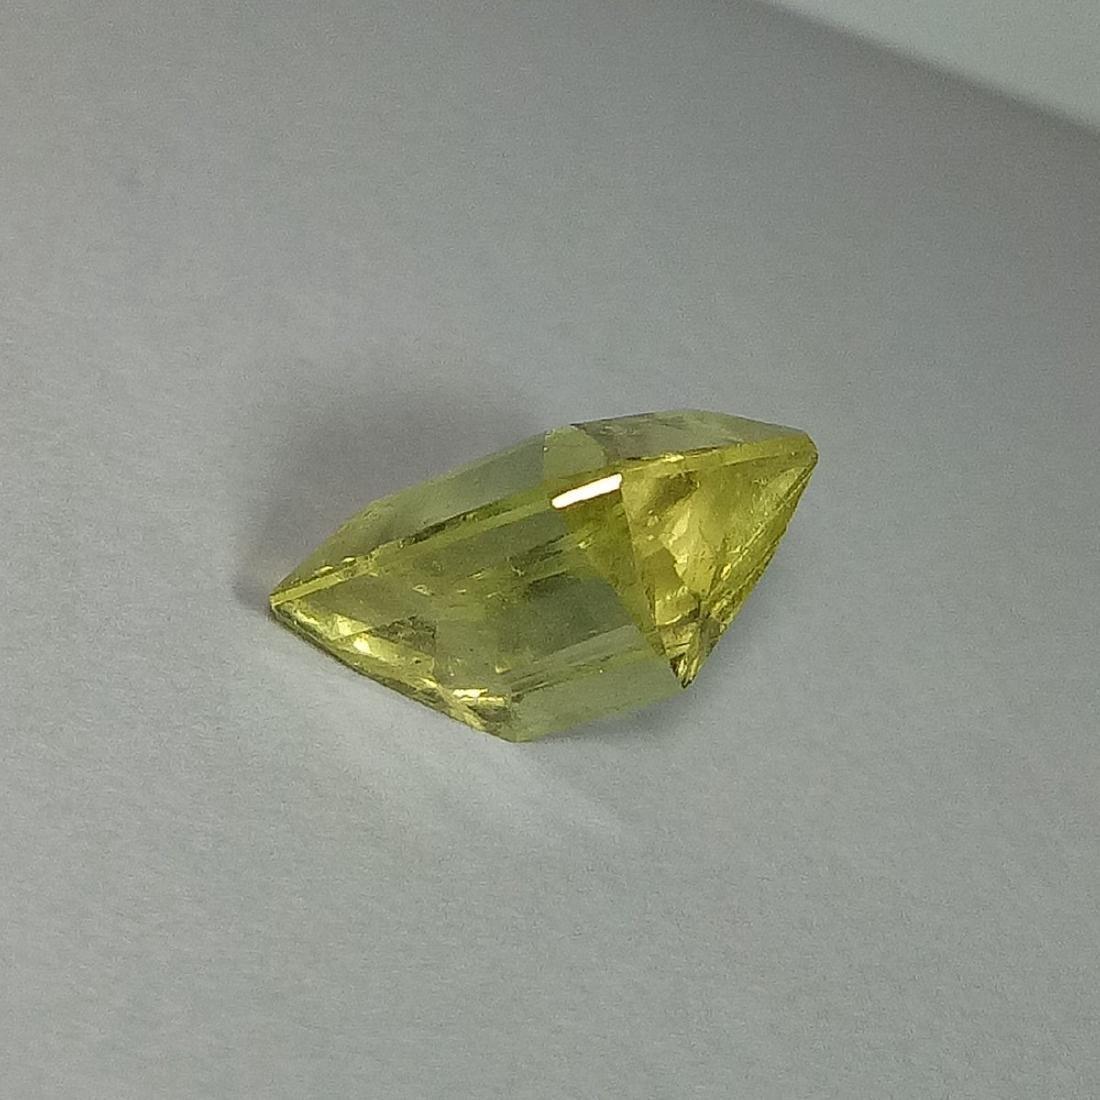 5.87 Carat Loose Yellow Beryl - 5